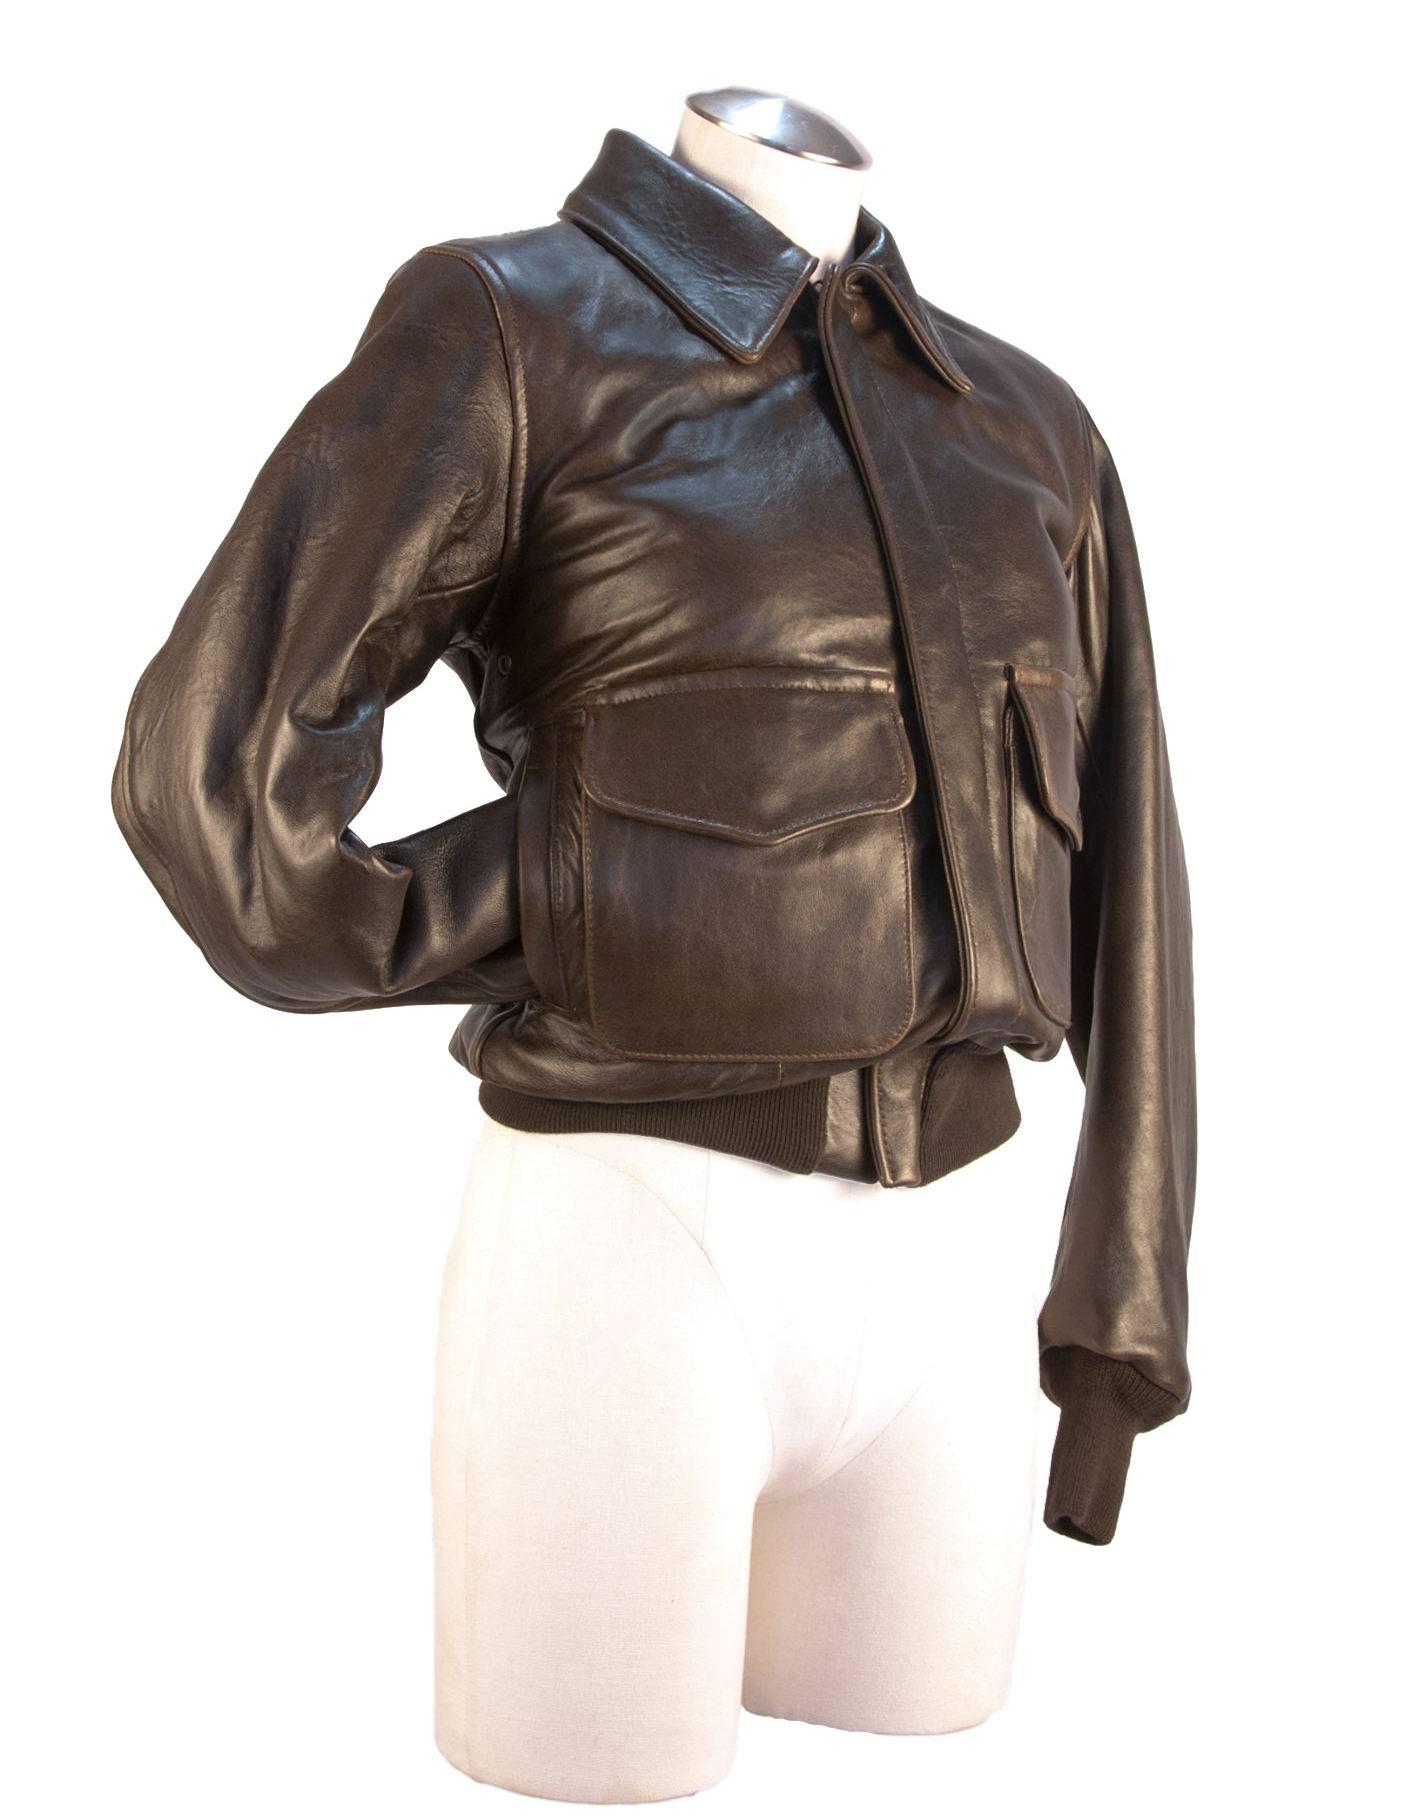 Blouson en cuir A-2 WASP pour Femme COCKPIT - AVIREX